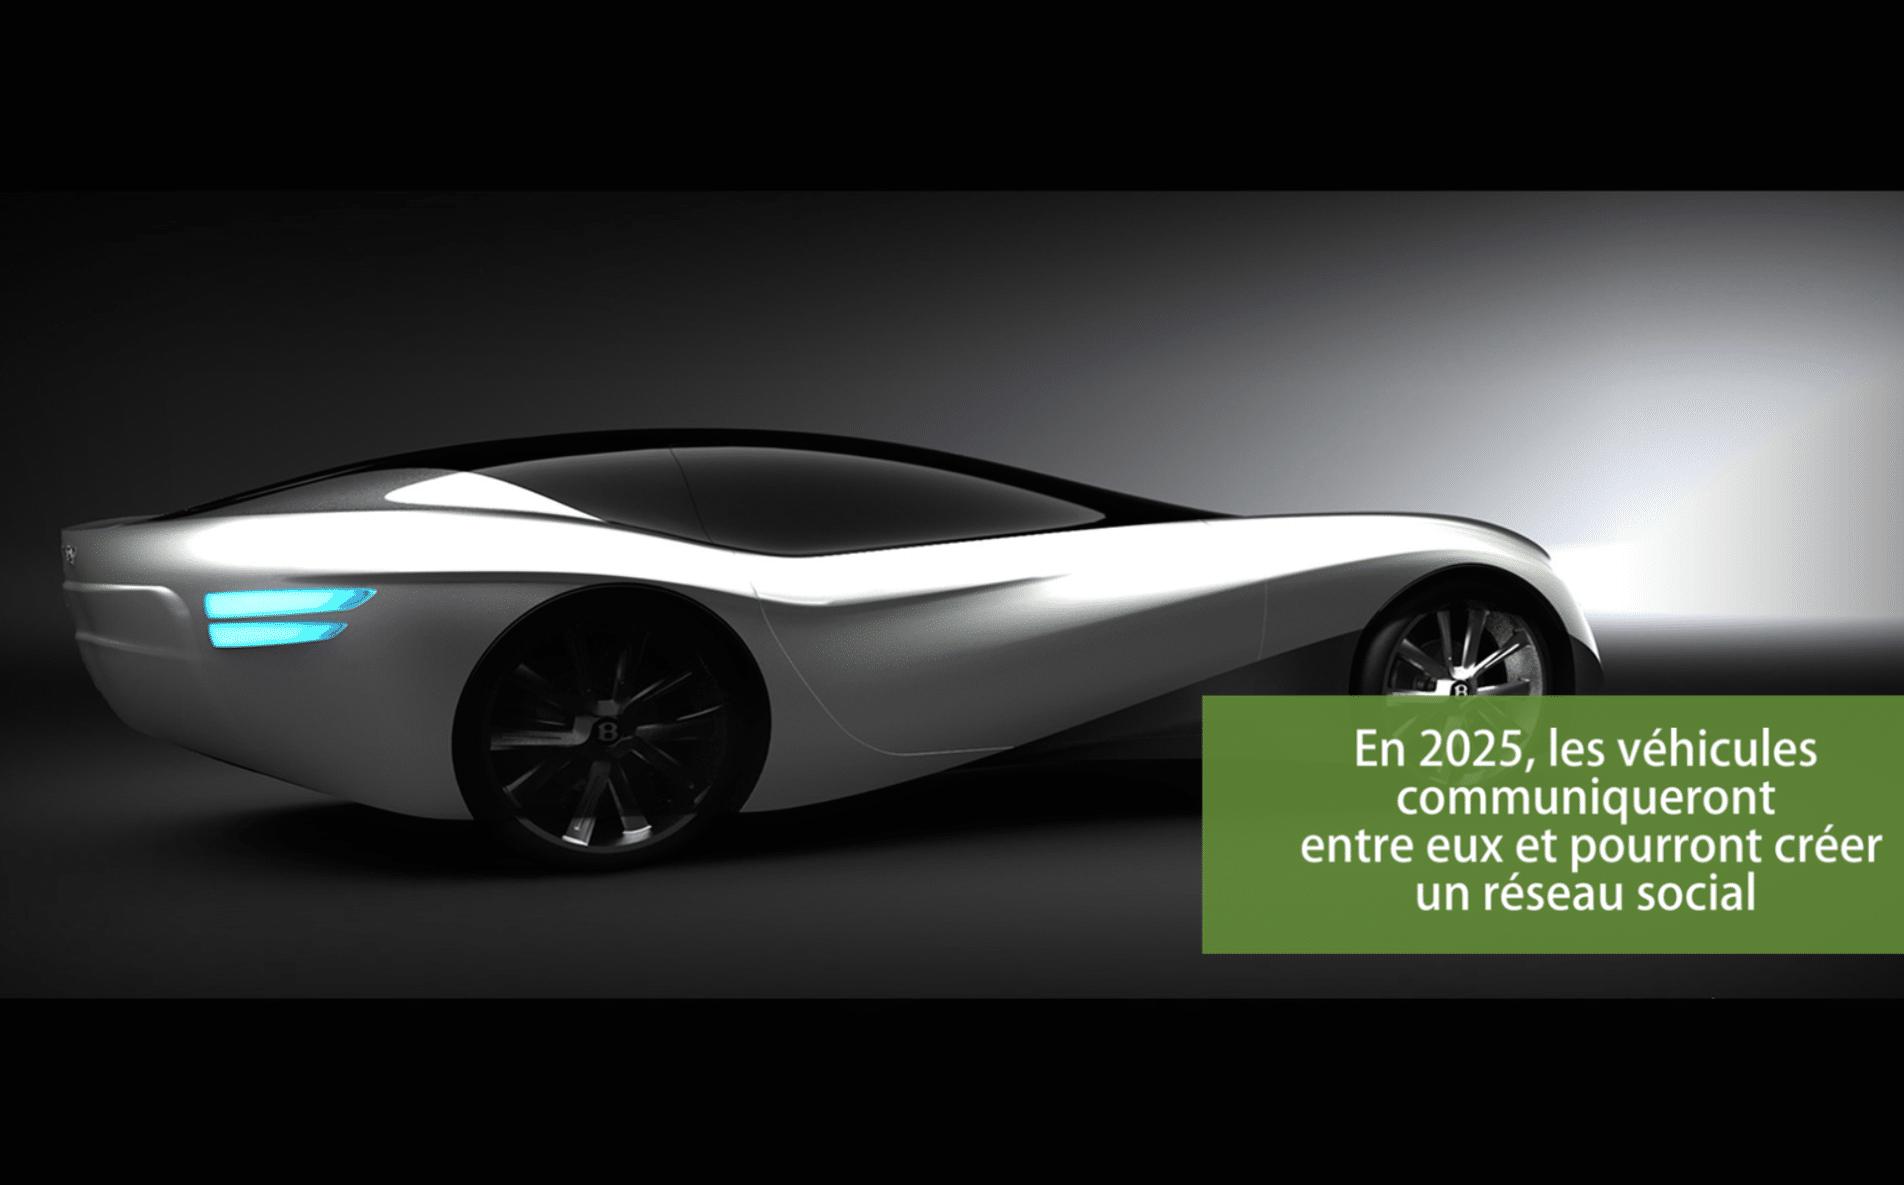 En 2025, les véhicules intelligents seront partout selon l'étude d'IBM